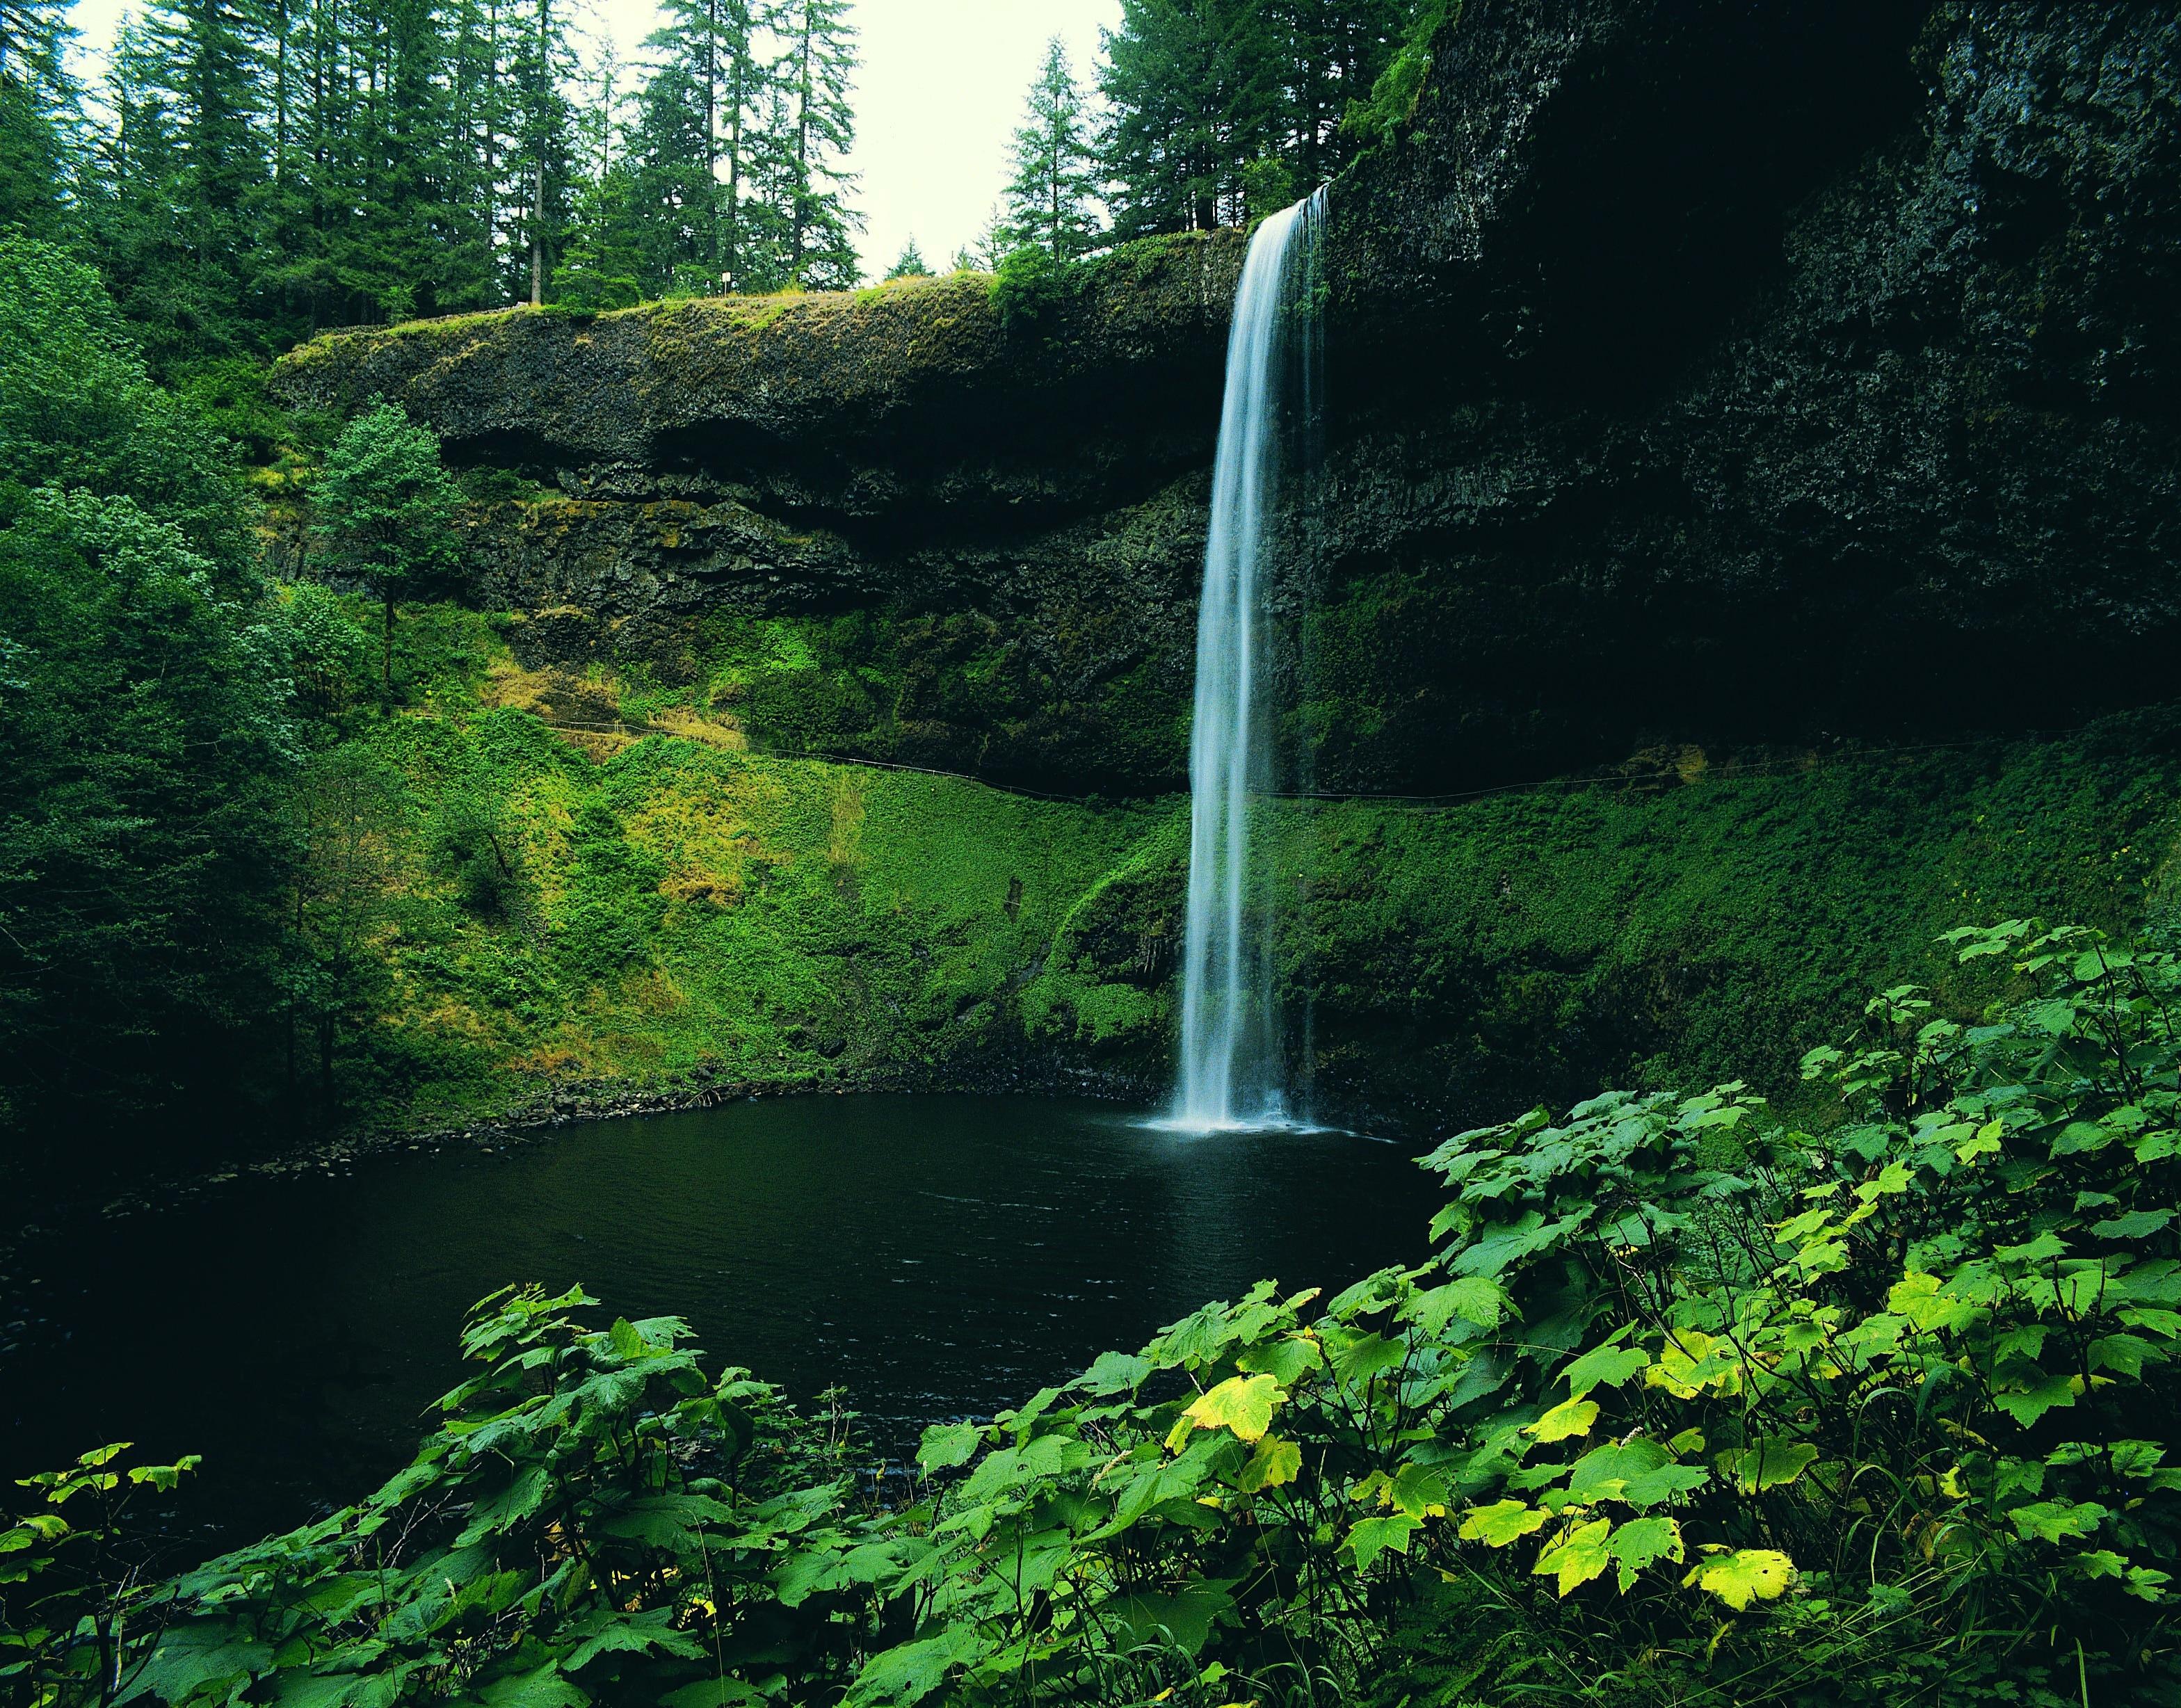 Packwood, Washington, United States of America